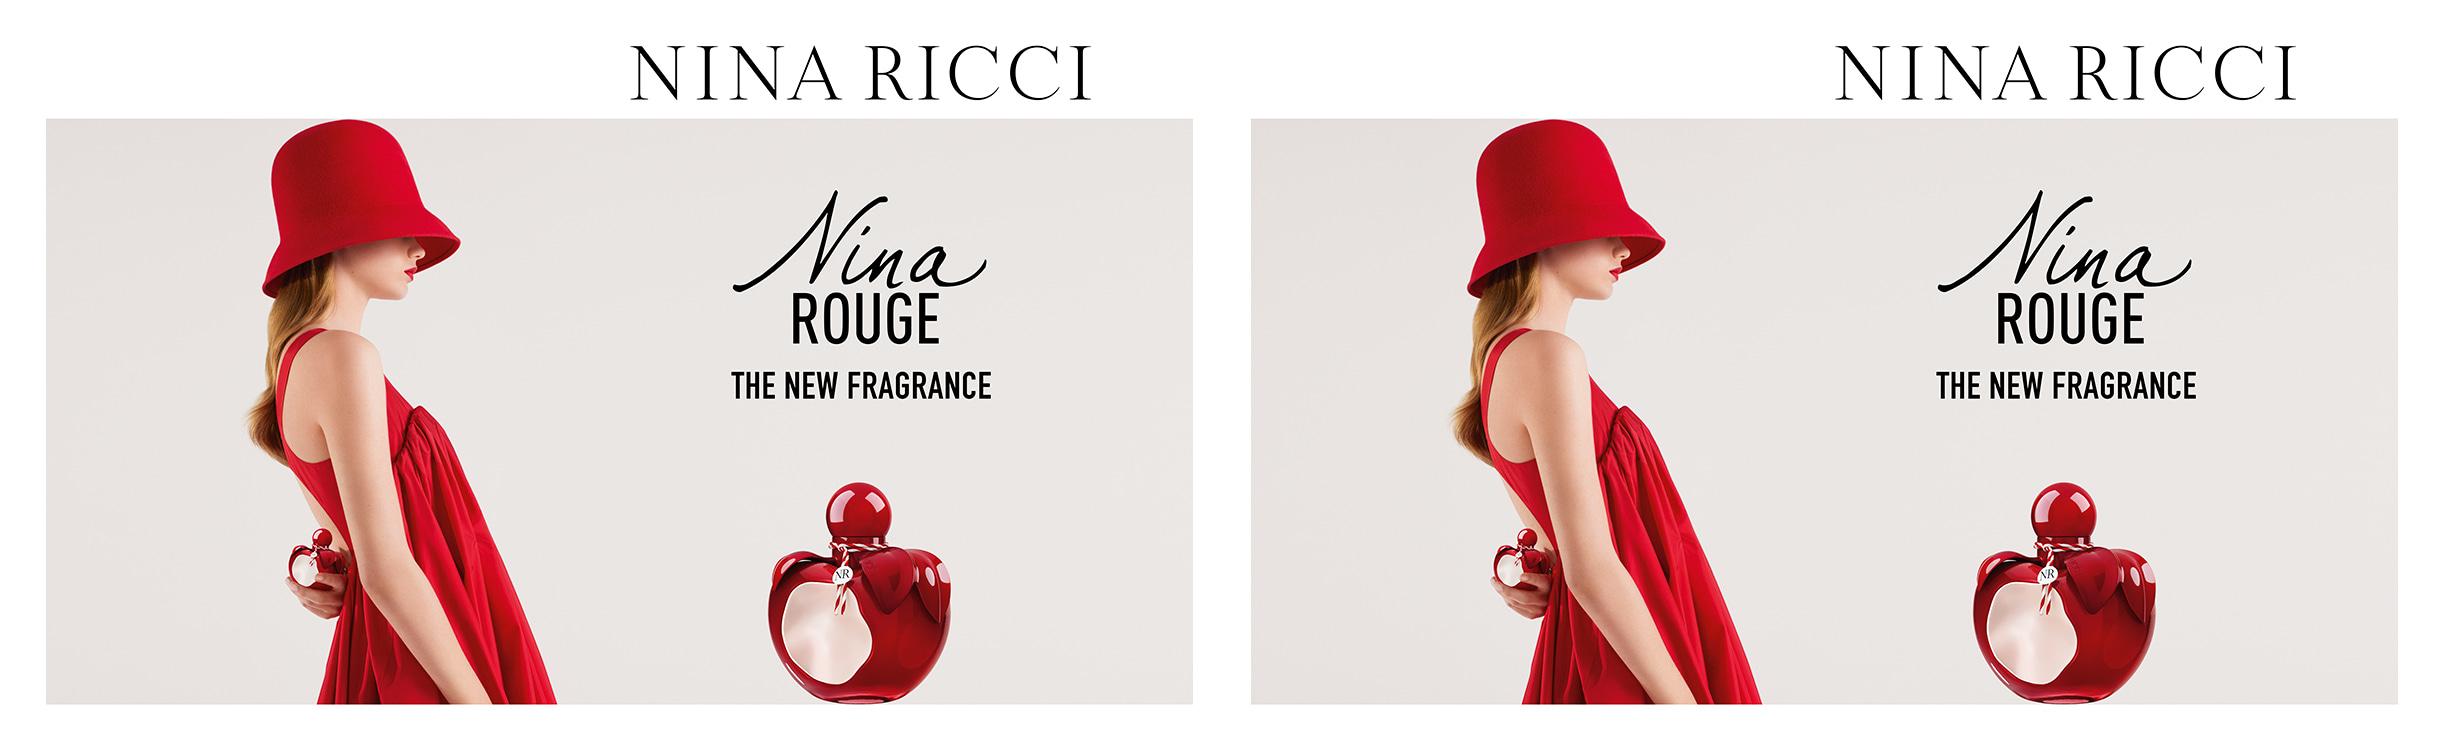 Perfumes e Perfumaria Nina Ricci Femininos